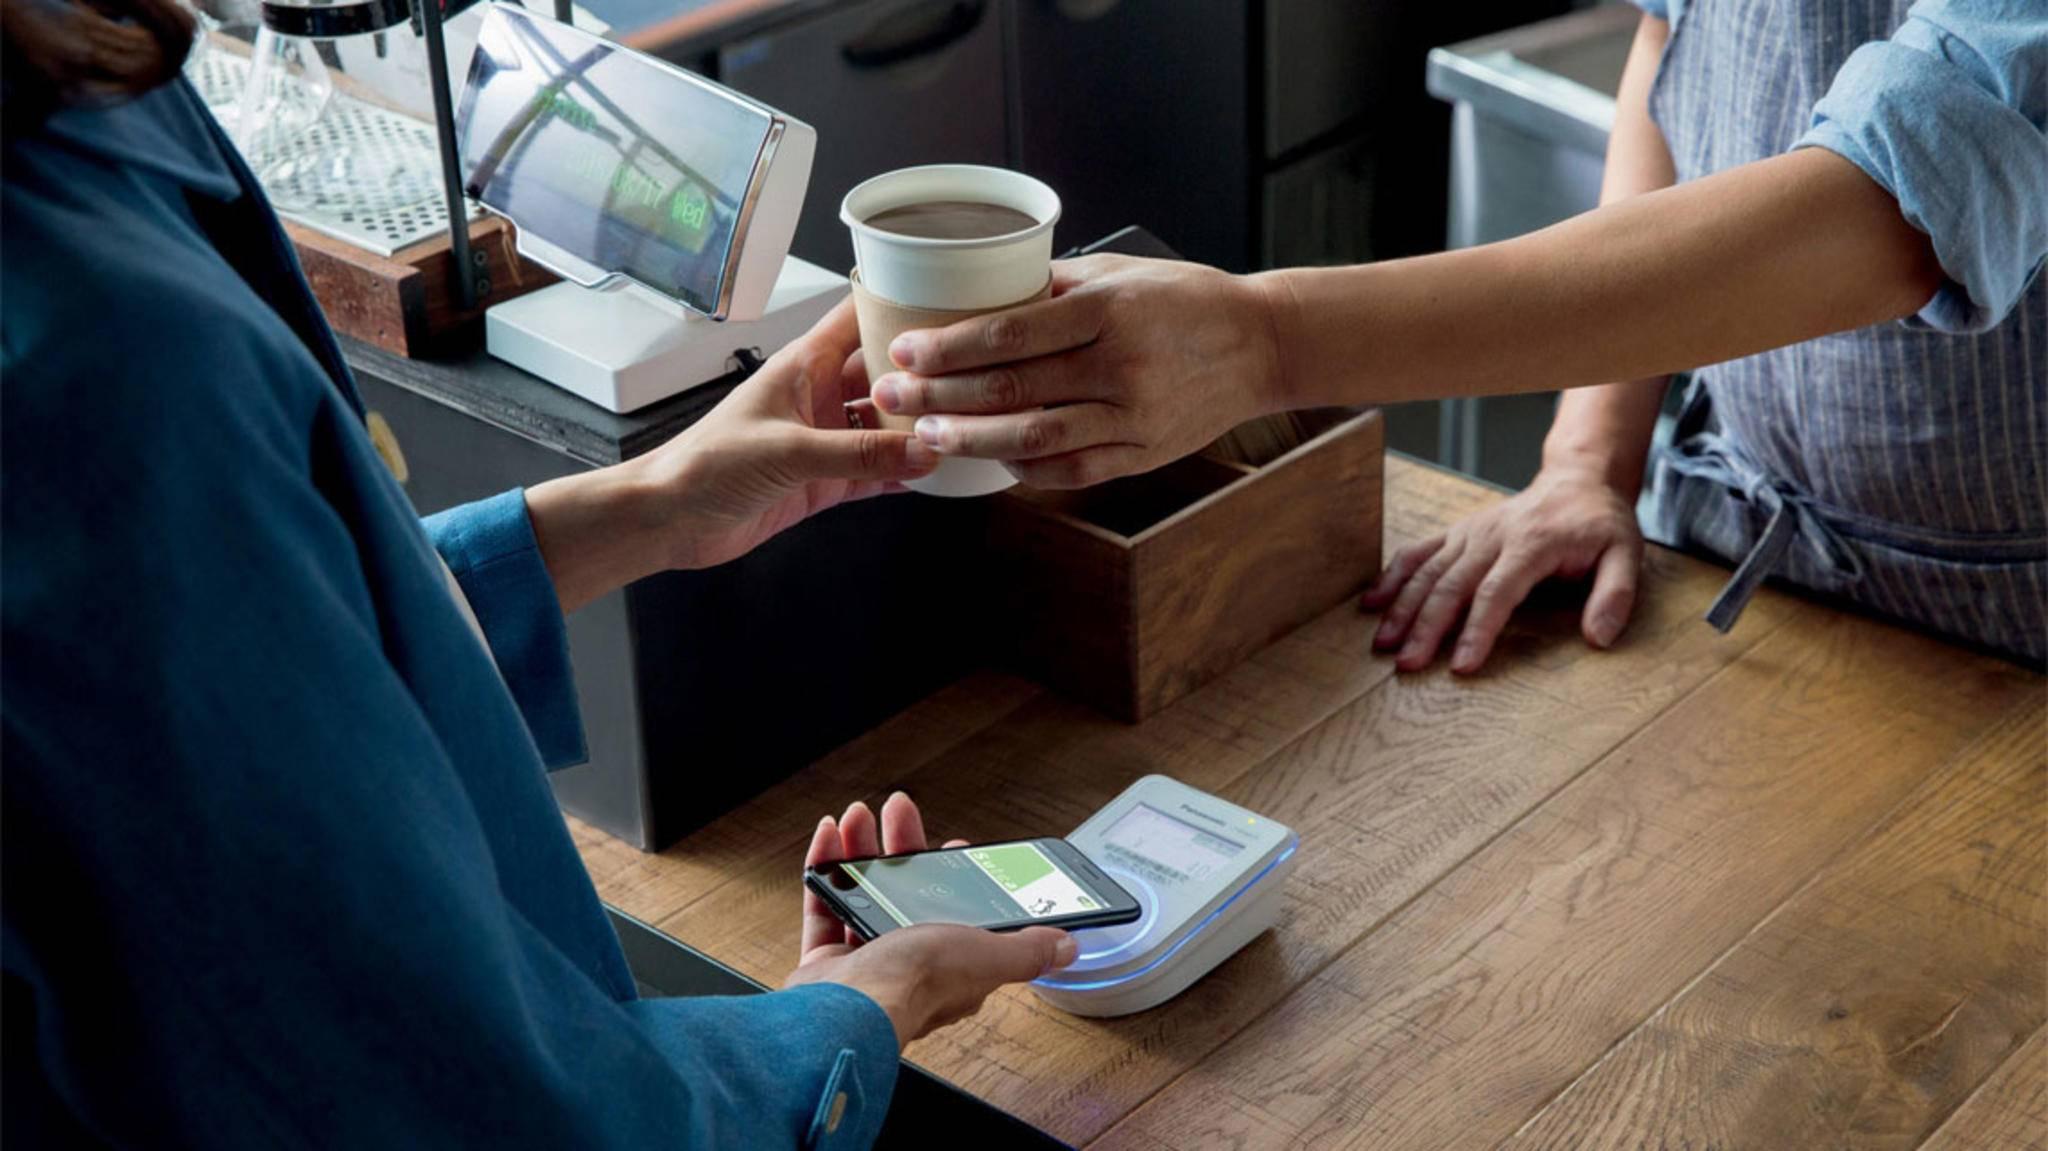 Allem Anschein nach wird Apple Pay letztendlich wohl doch noch für Sparkassen-Kunden verfügbar werden.